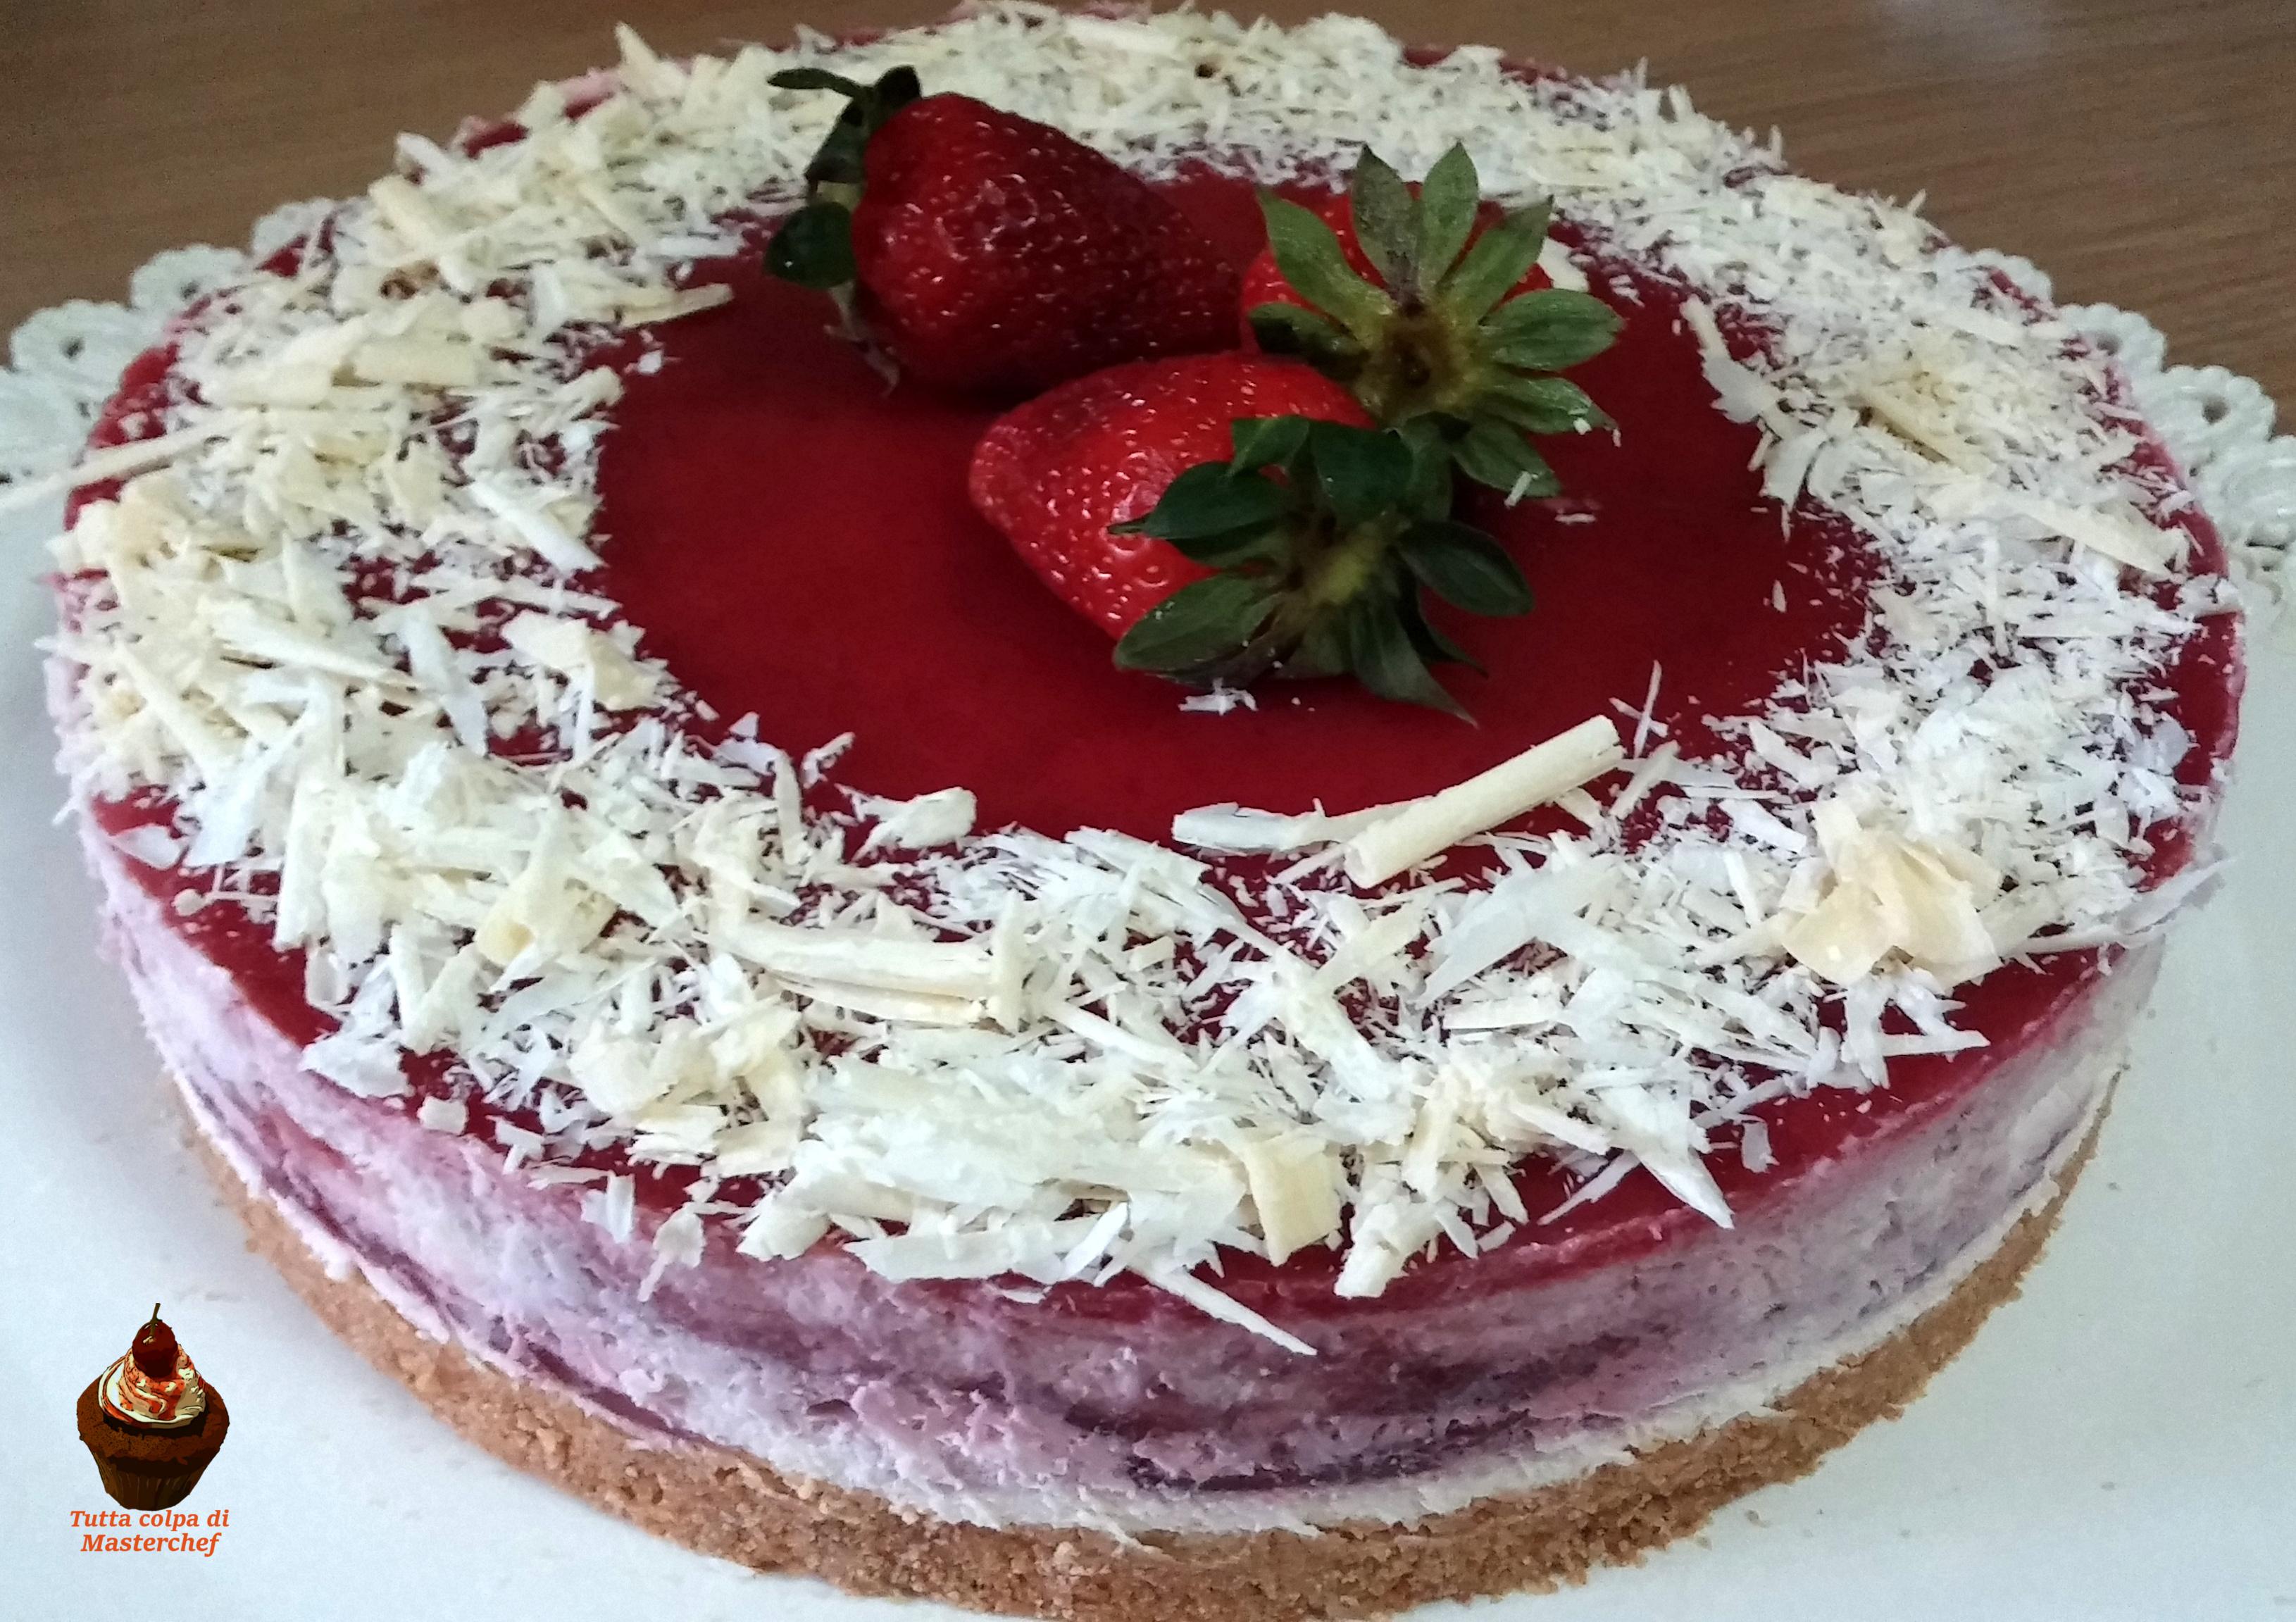 Ricerca ricette con cioccolato bianco decorazioni for Decorazioni torte con fragole e cioccolato